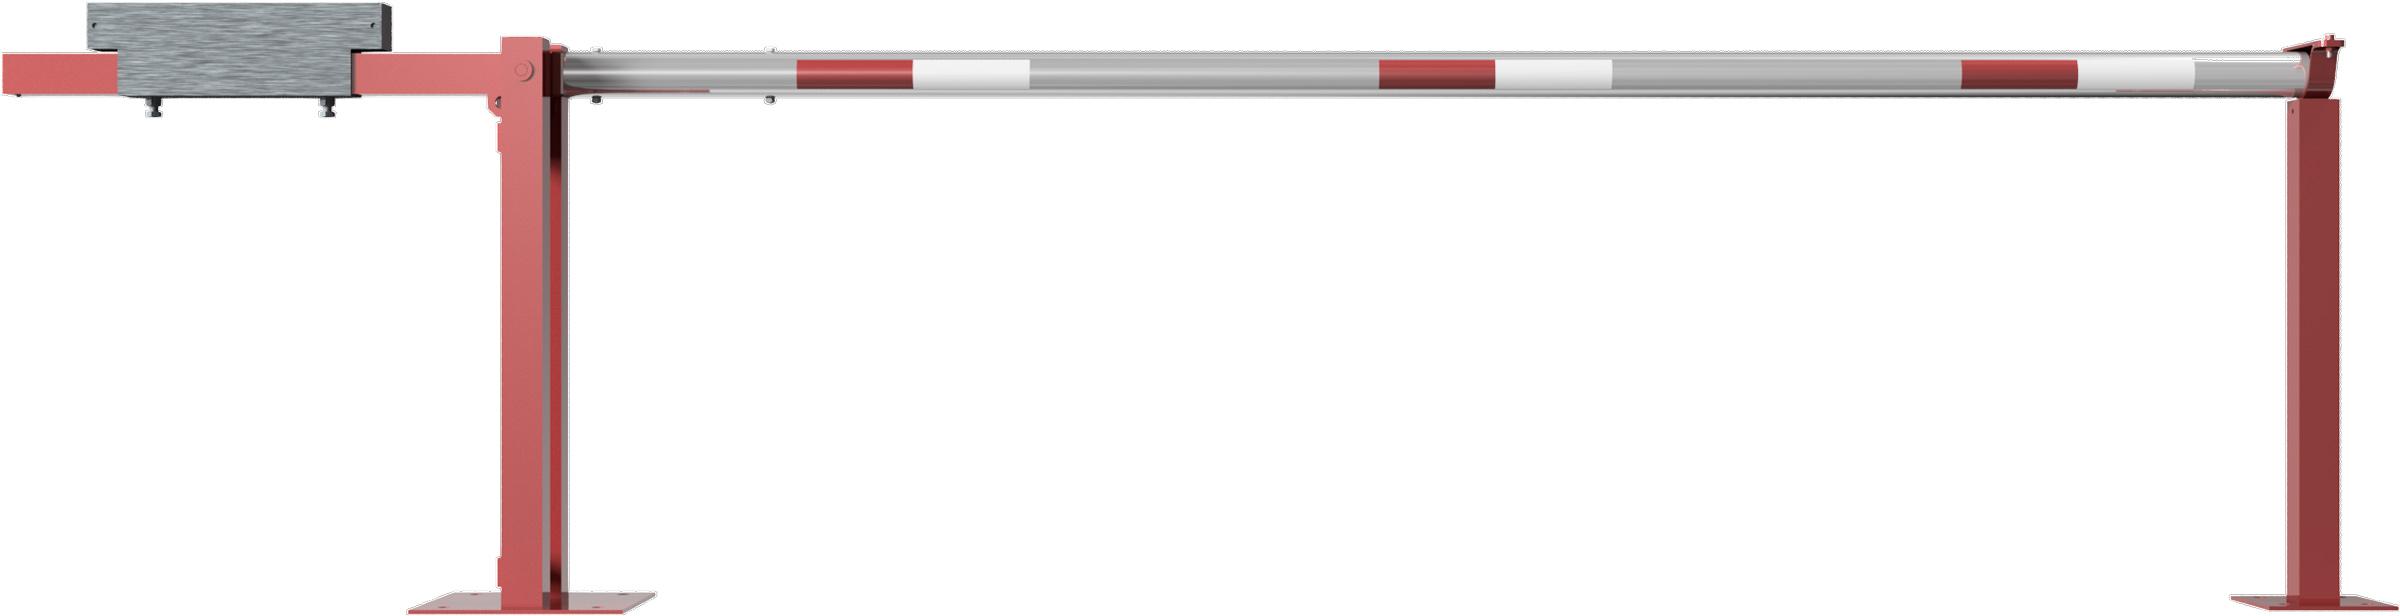 Schake Schranke mit Gegengewicht und Auflagestütze - Schrankenbaum Ø 80 mm